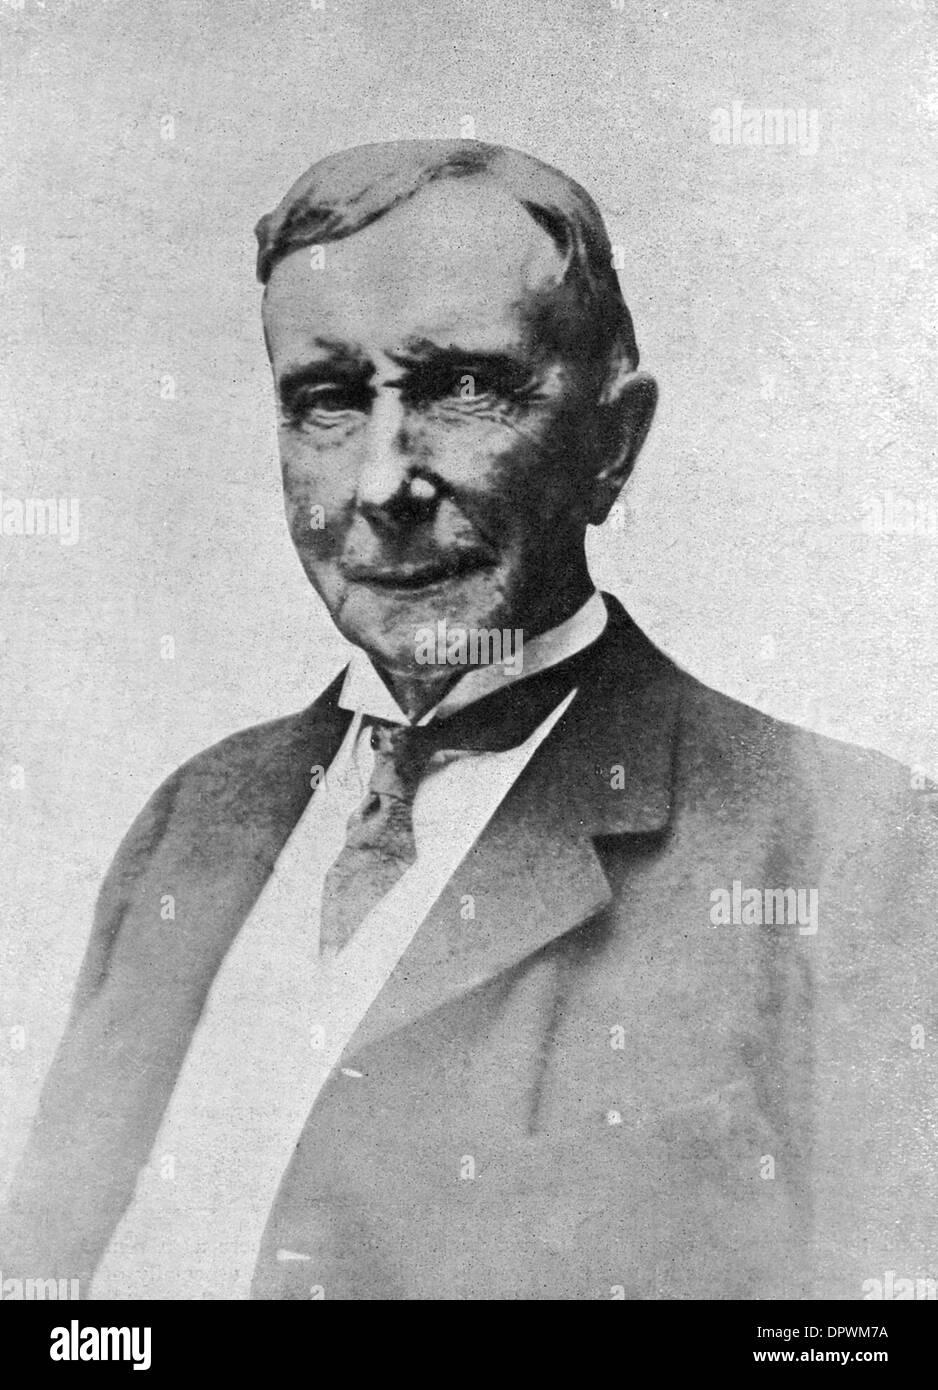 JOHN D ROCKEFELLER - Stock Image